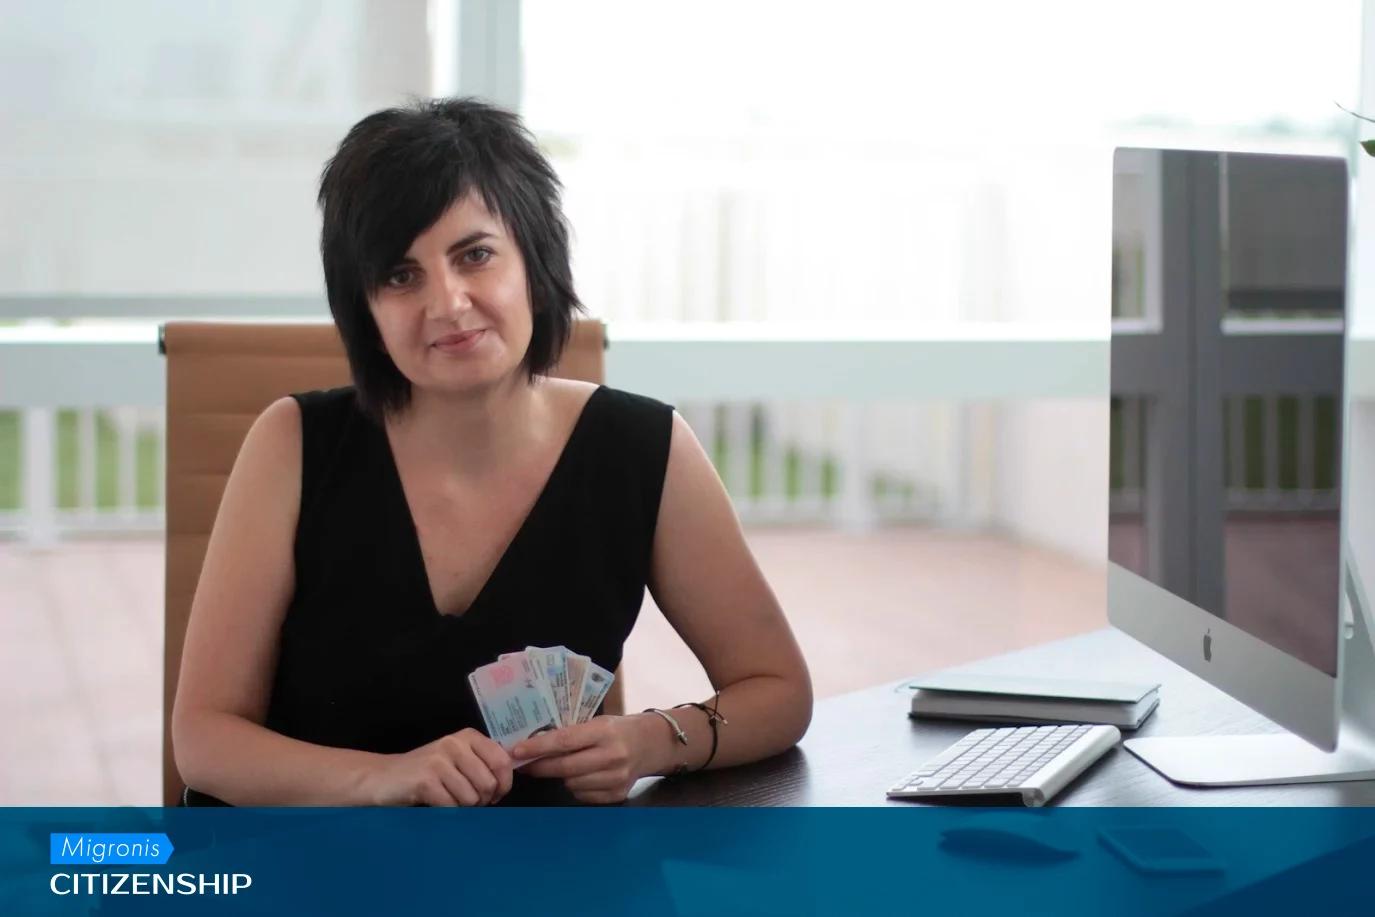 Вид на жительство в Греции, или как переехать в ЕС при минимальных затратах? | Migronis